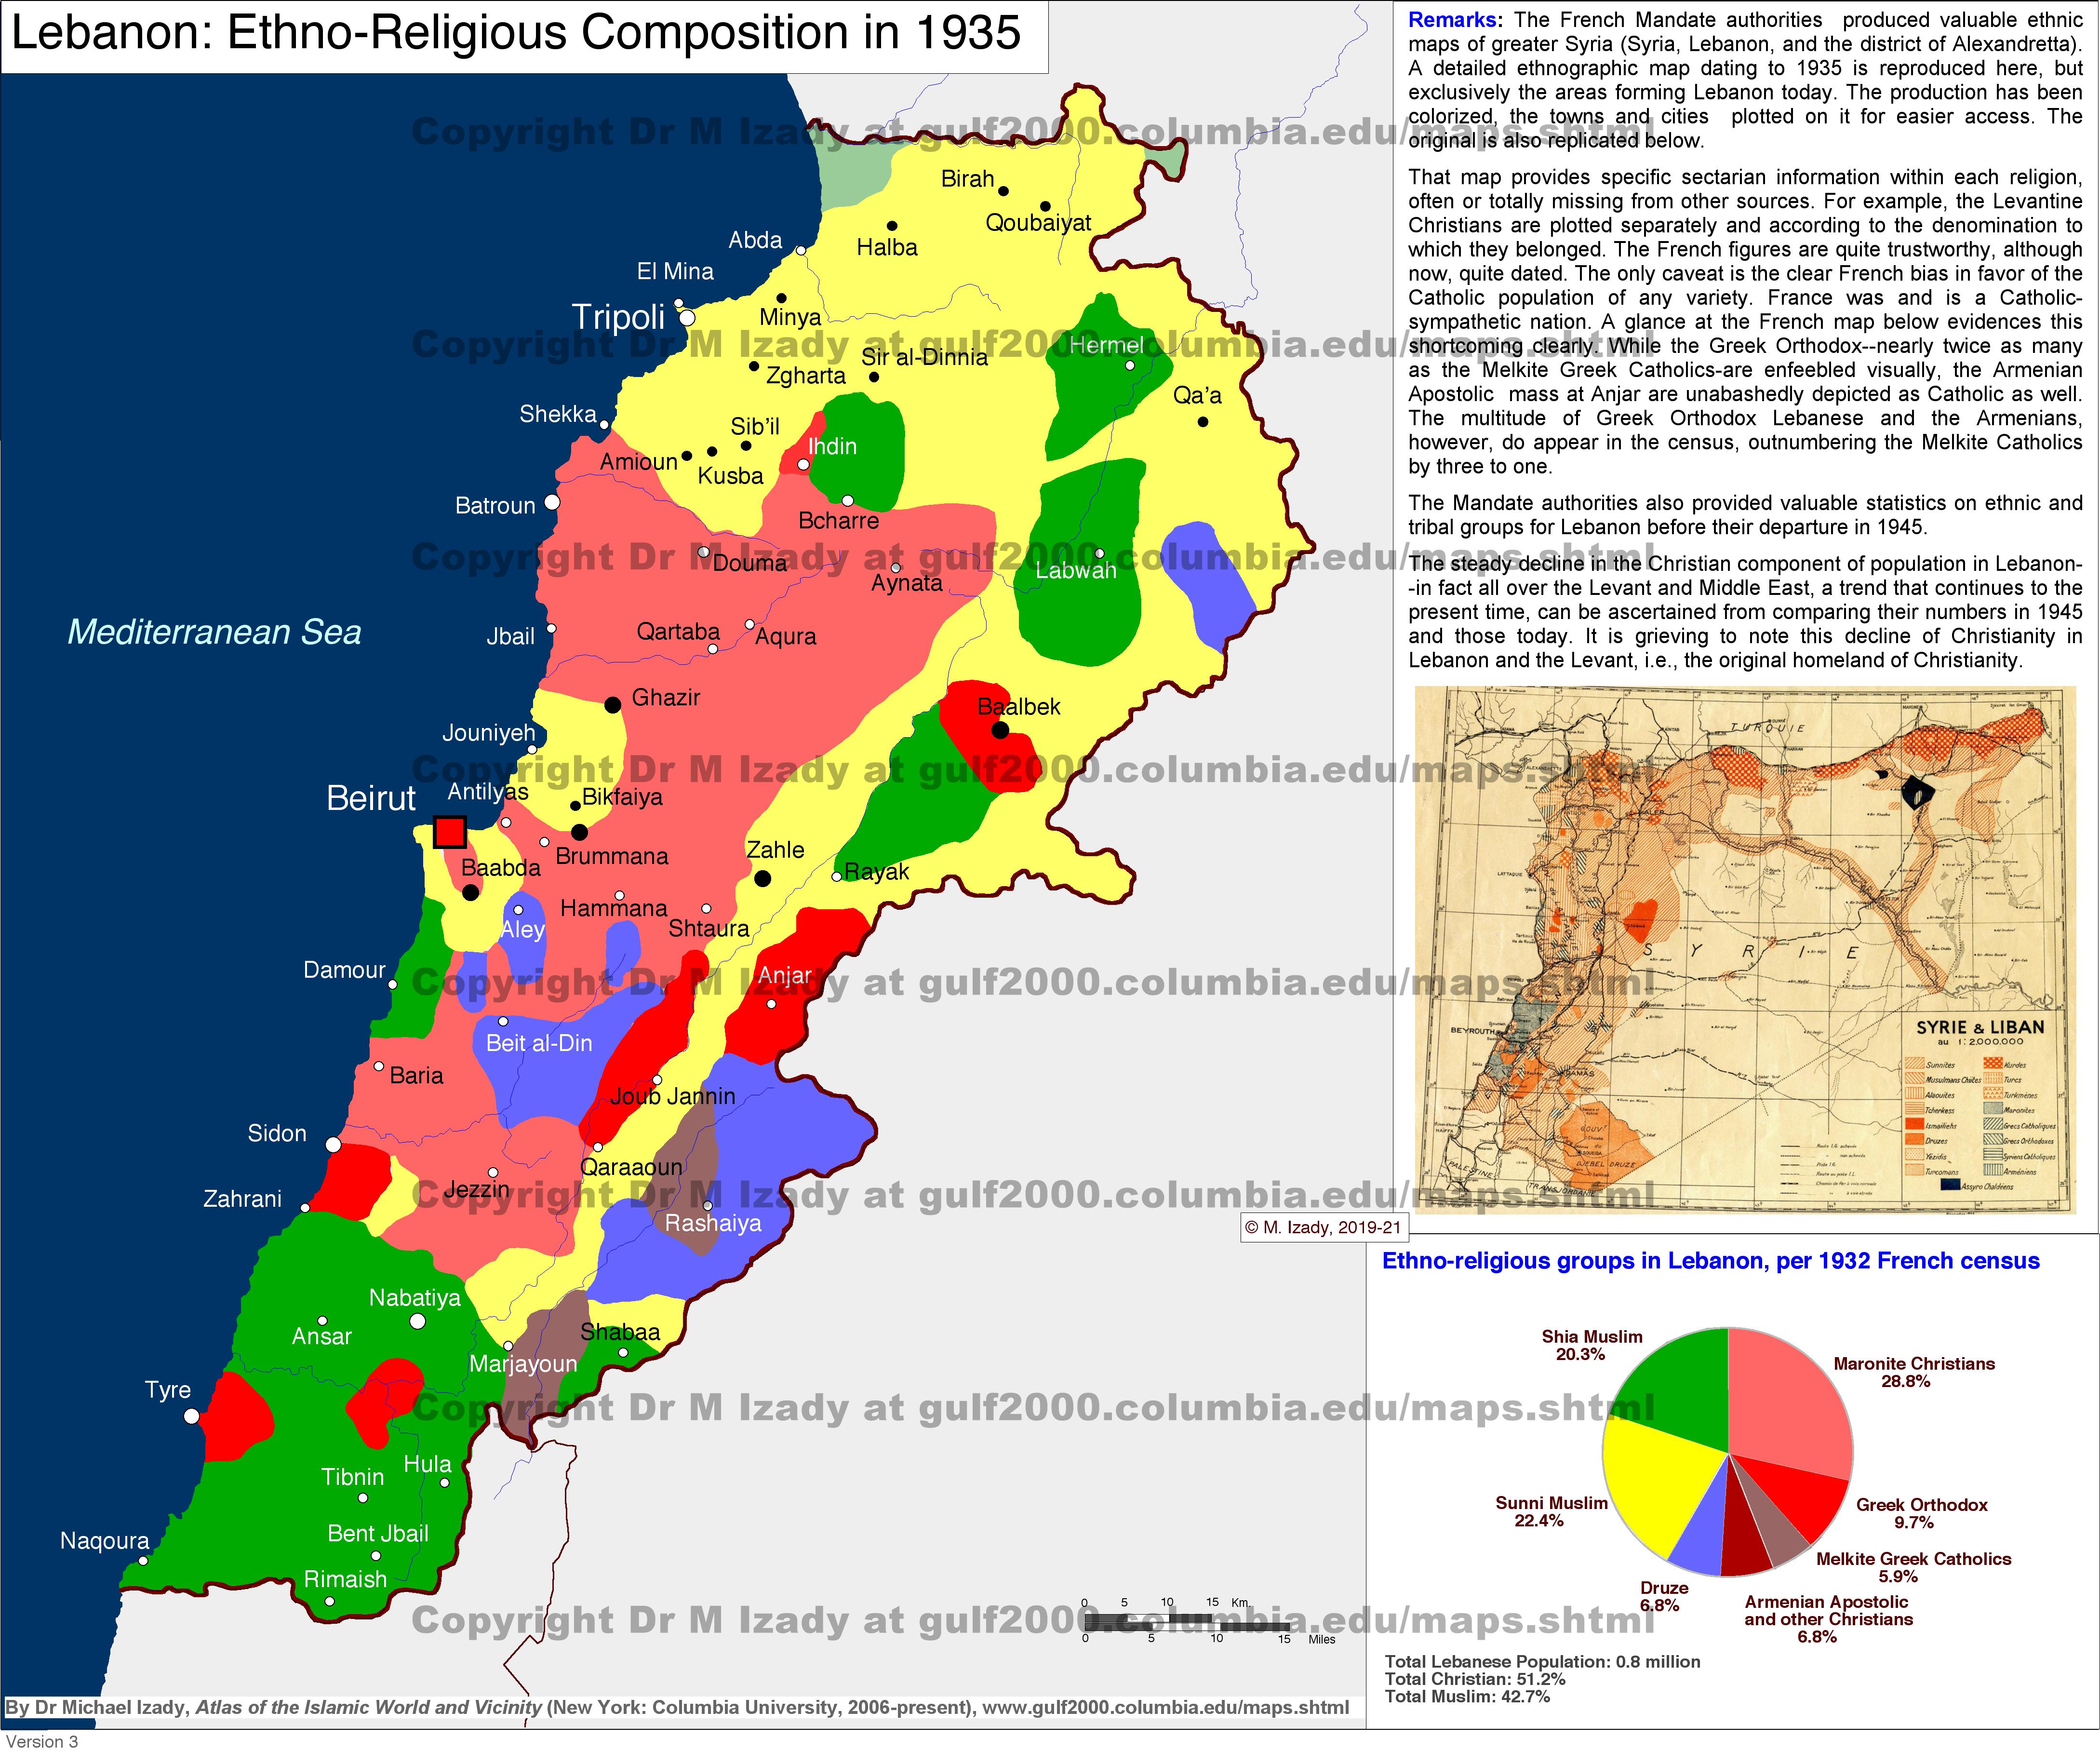 The Gulf/2000 Project - SIPA - COLUMBIA UNIVERSITY